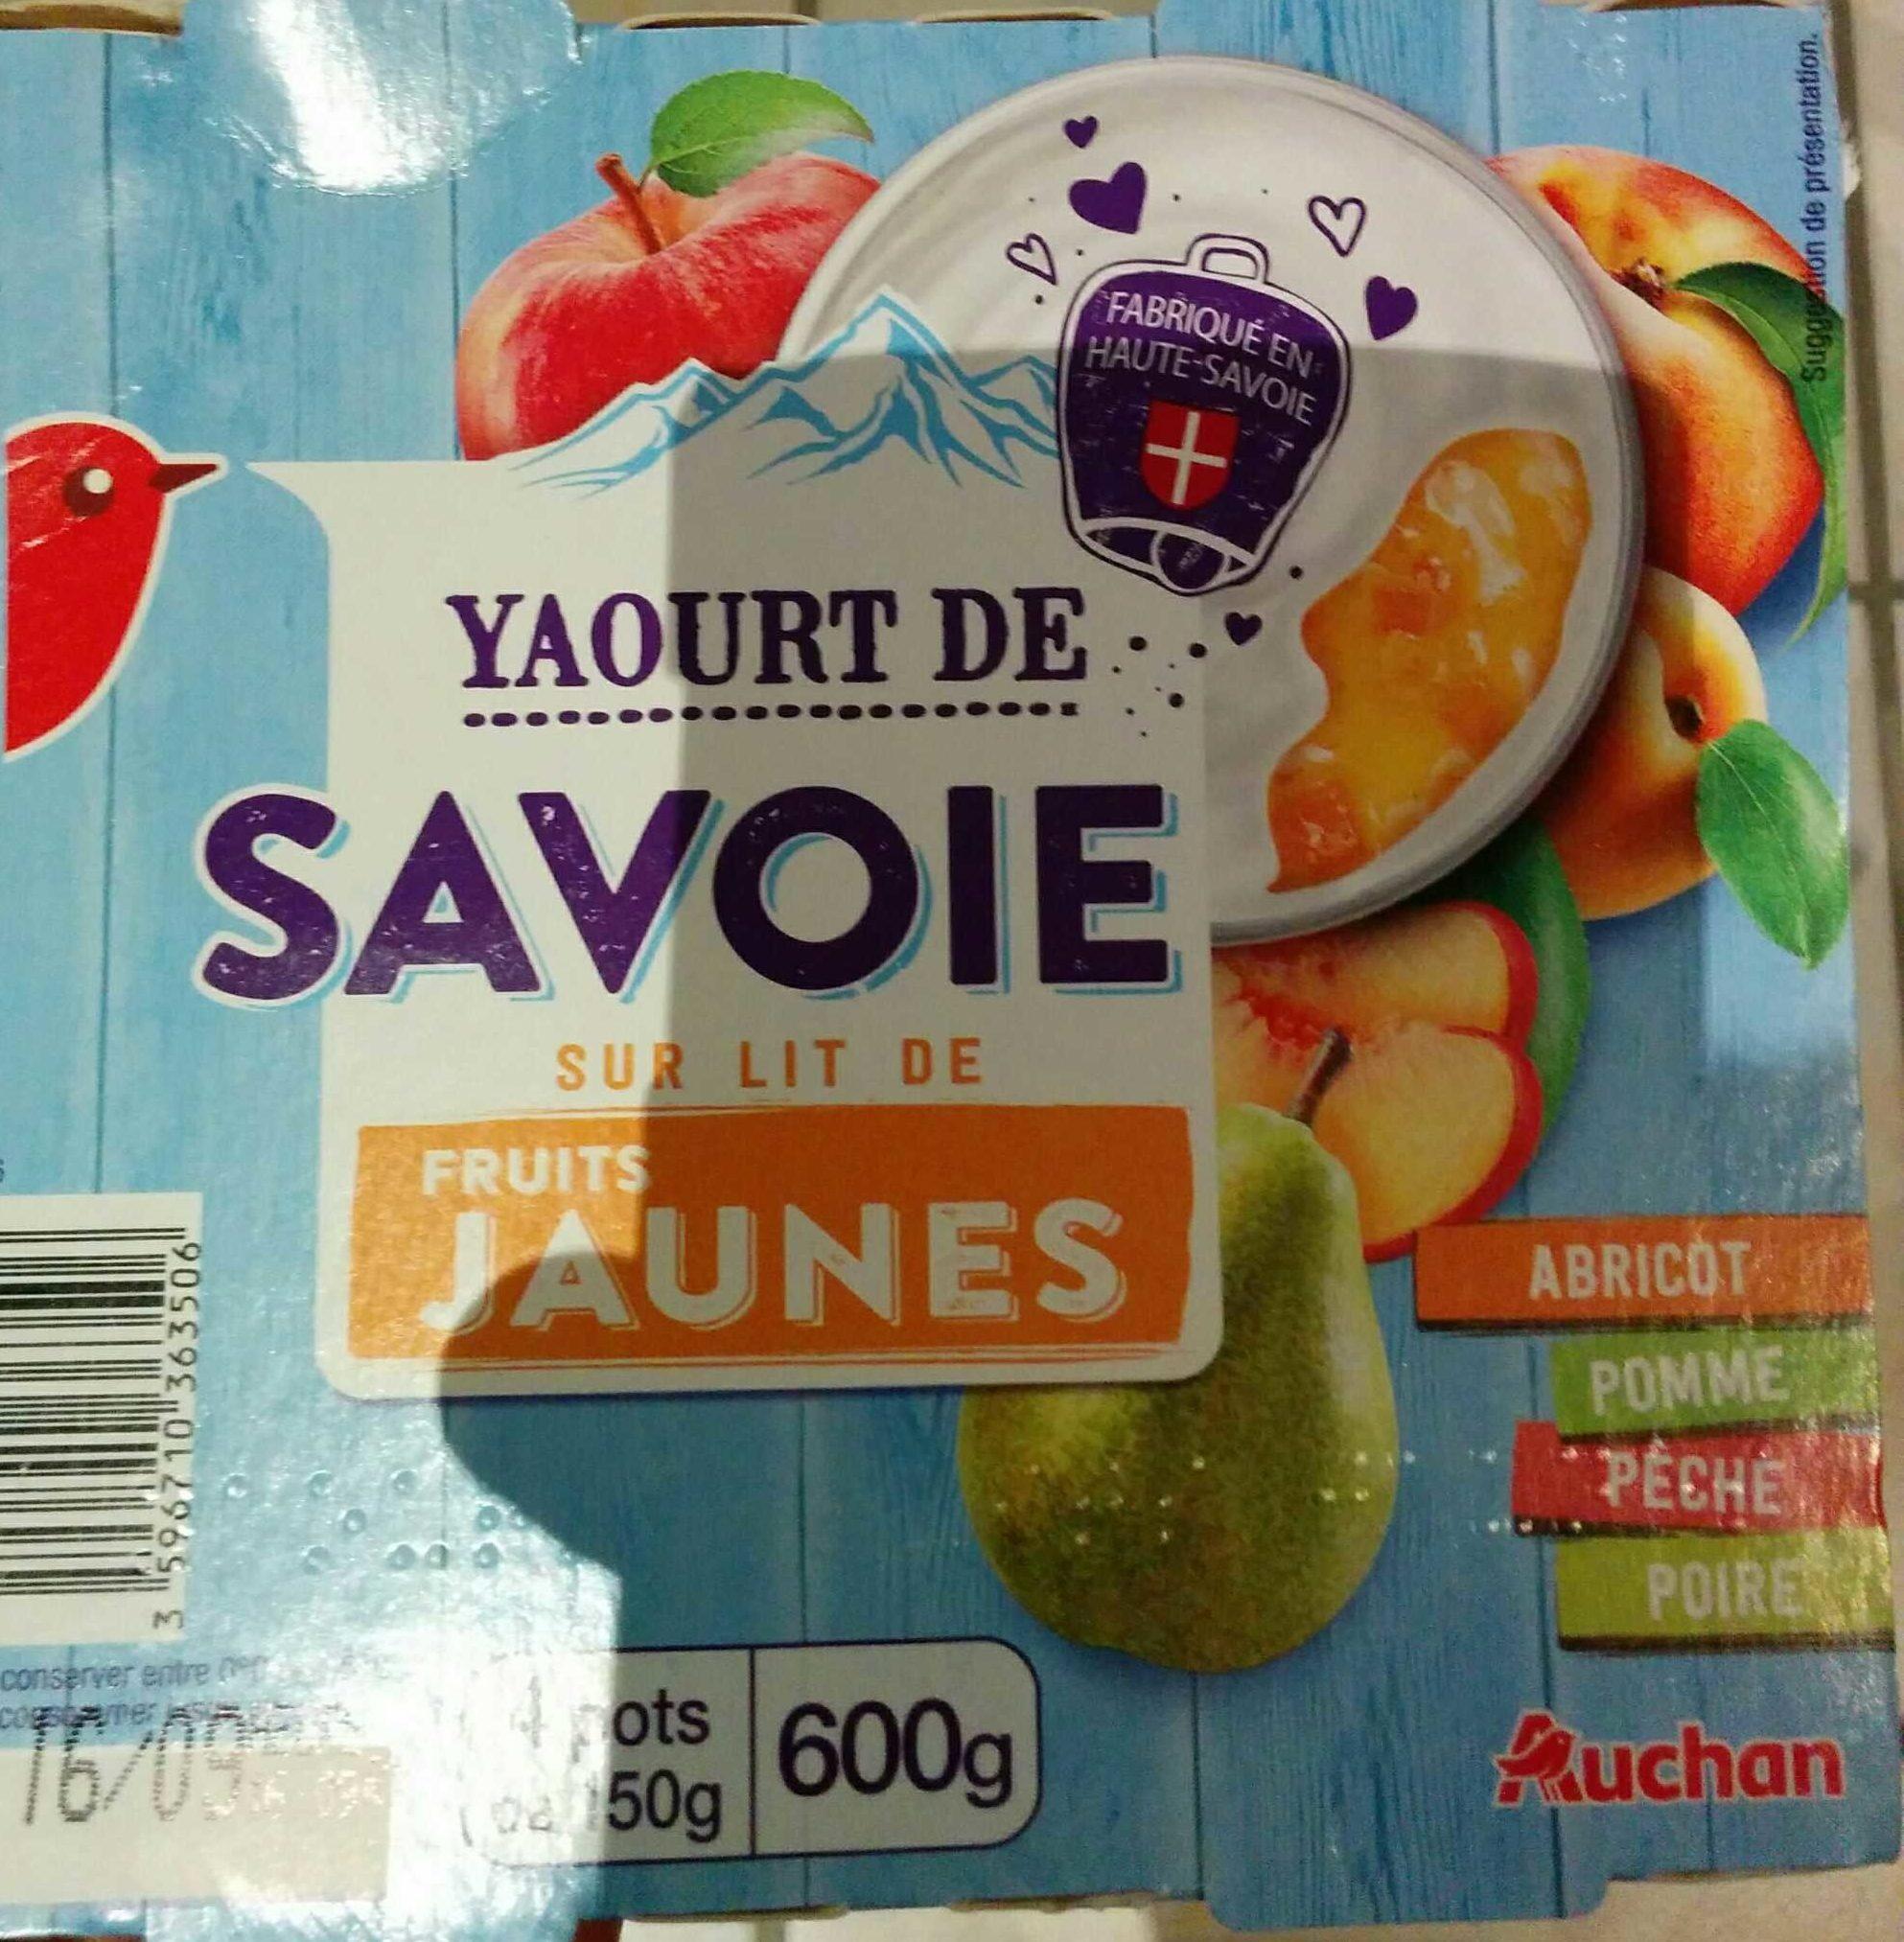 Yaourt sur lit de fruit jaunes - Produit - fr